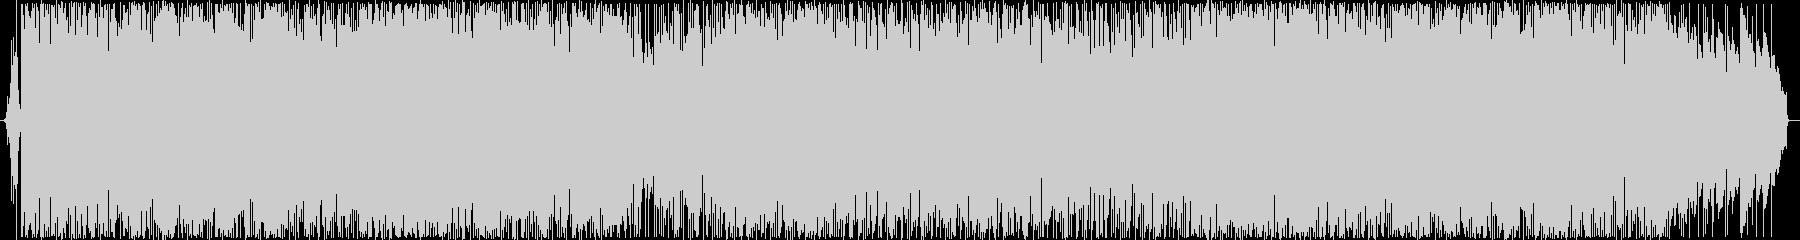 都会派オシャレ系さわやかなギターサウンドの未再生の波形